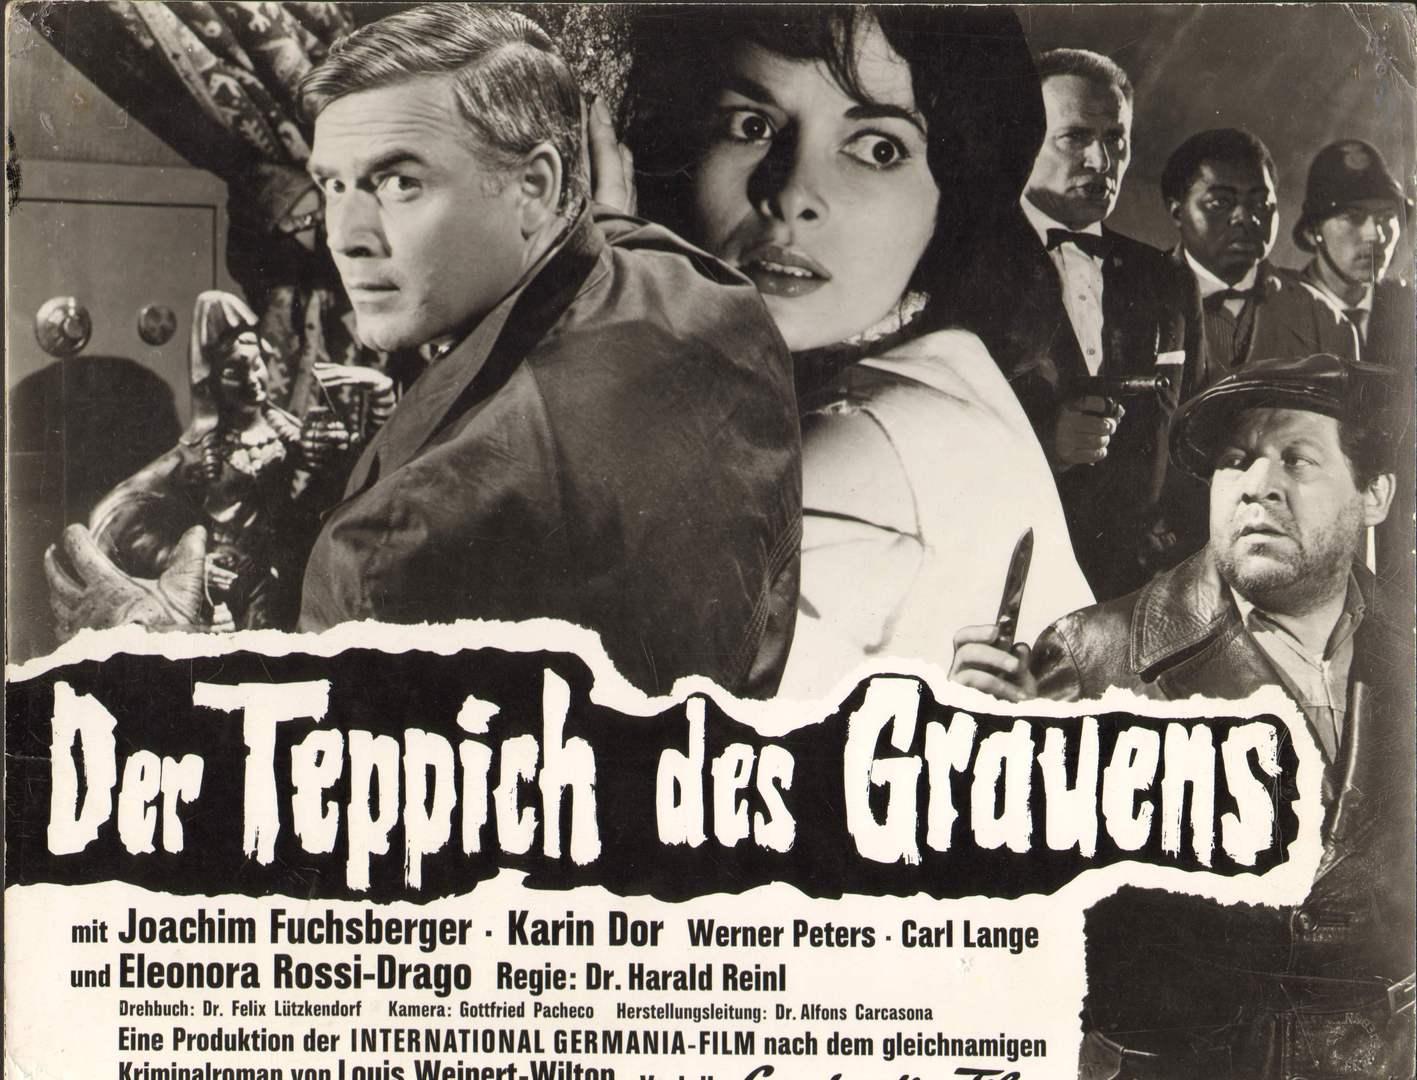 Der Teppich des Grauens Aushangfoto  Filmplakat Karin Dor